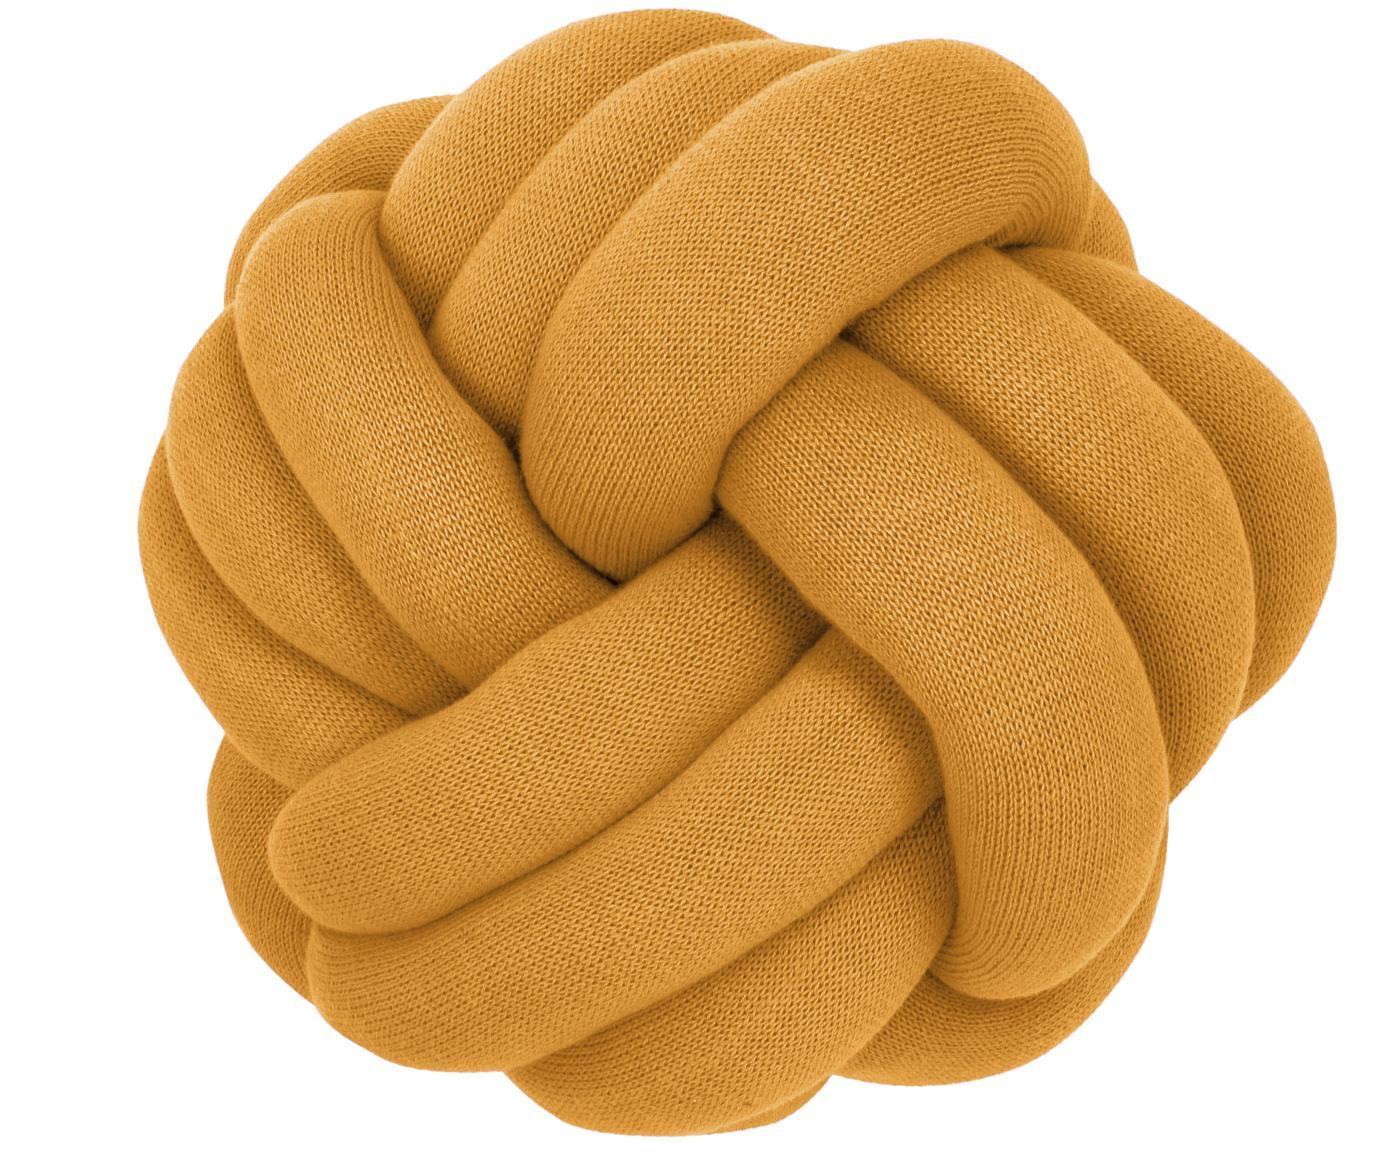 Poduszka Twist, Musztardowy, Ø 30 cm